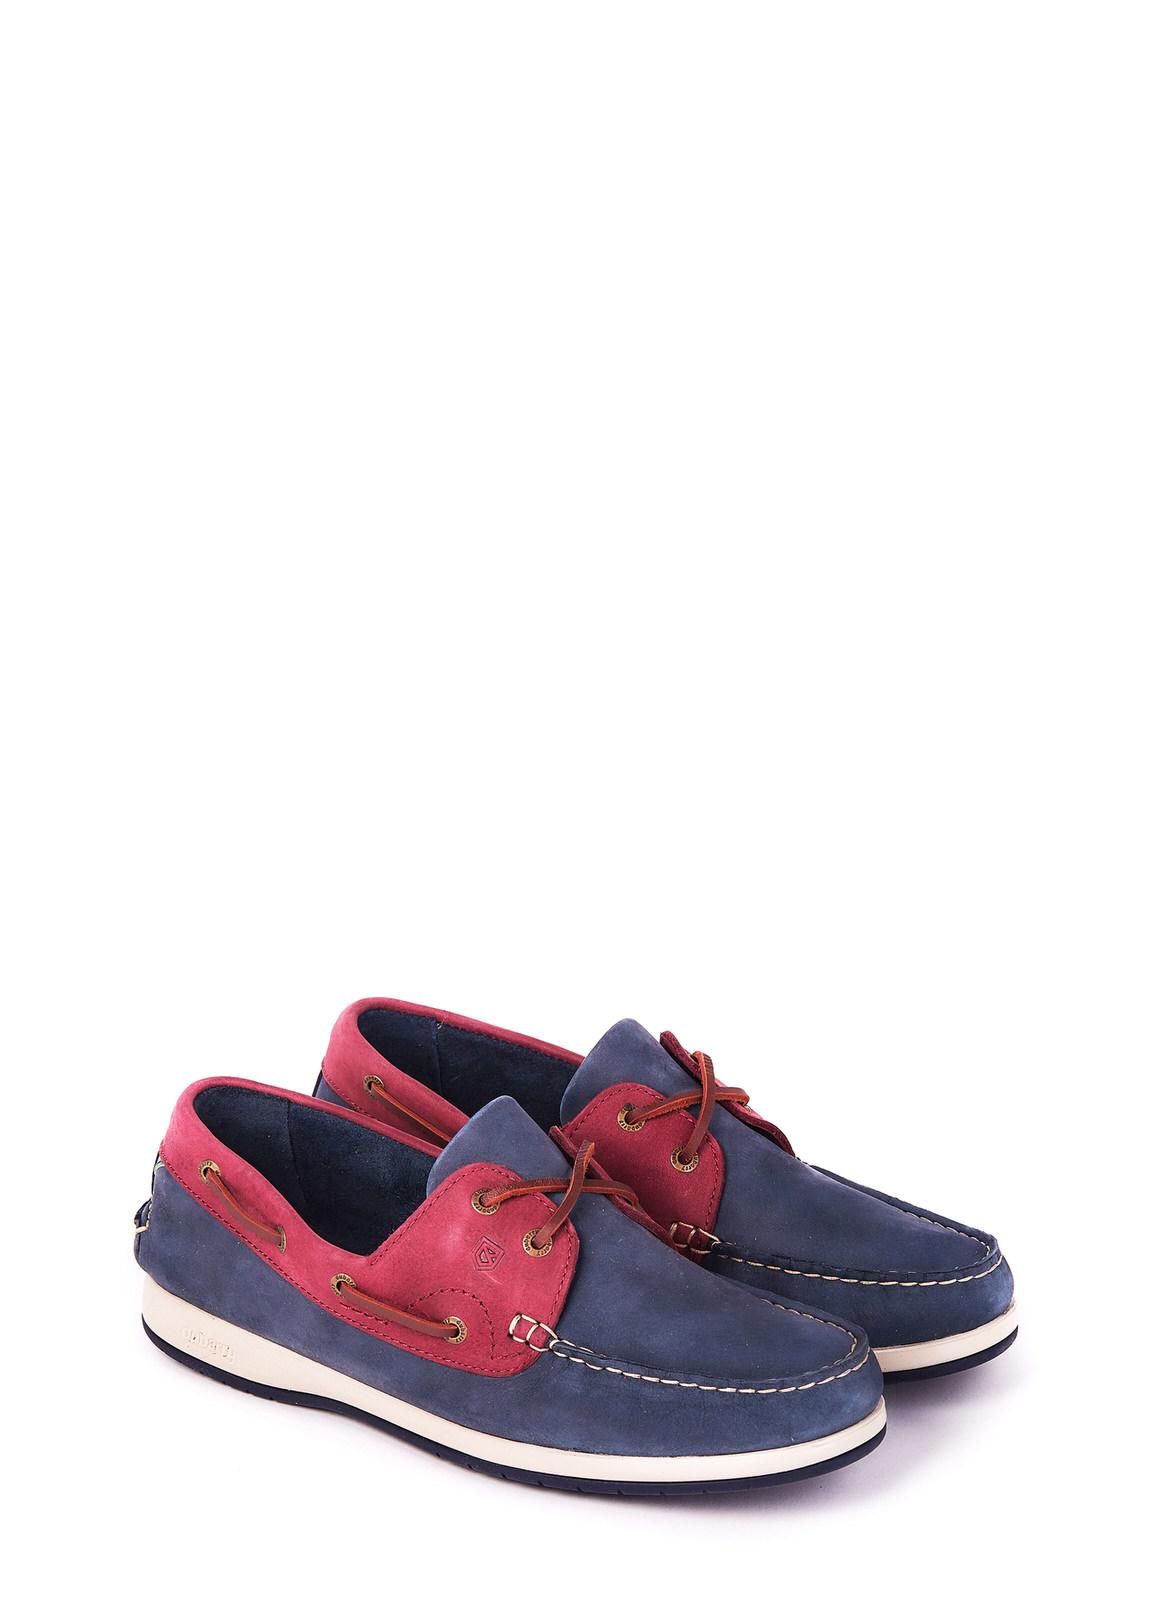 Dubarry_Pacific X LT Deck Shoe - Navy/Bordo_Image_1